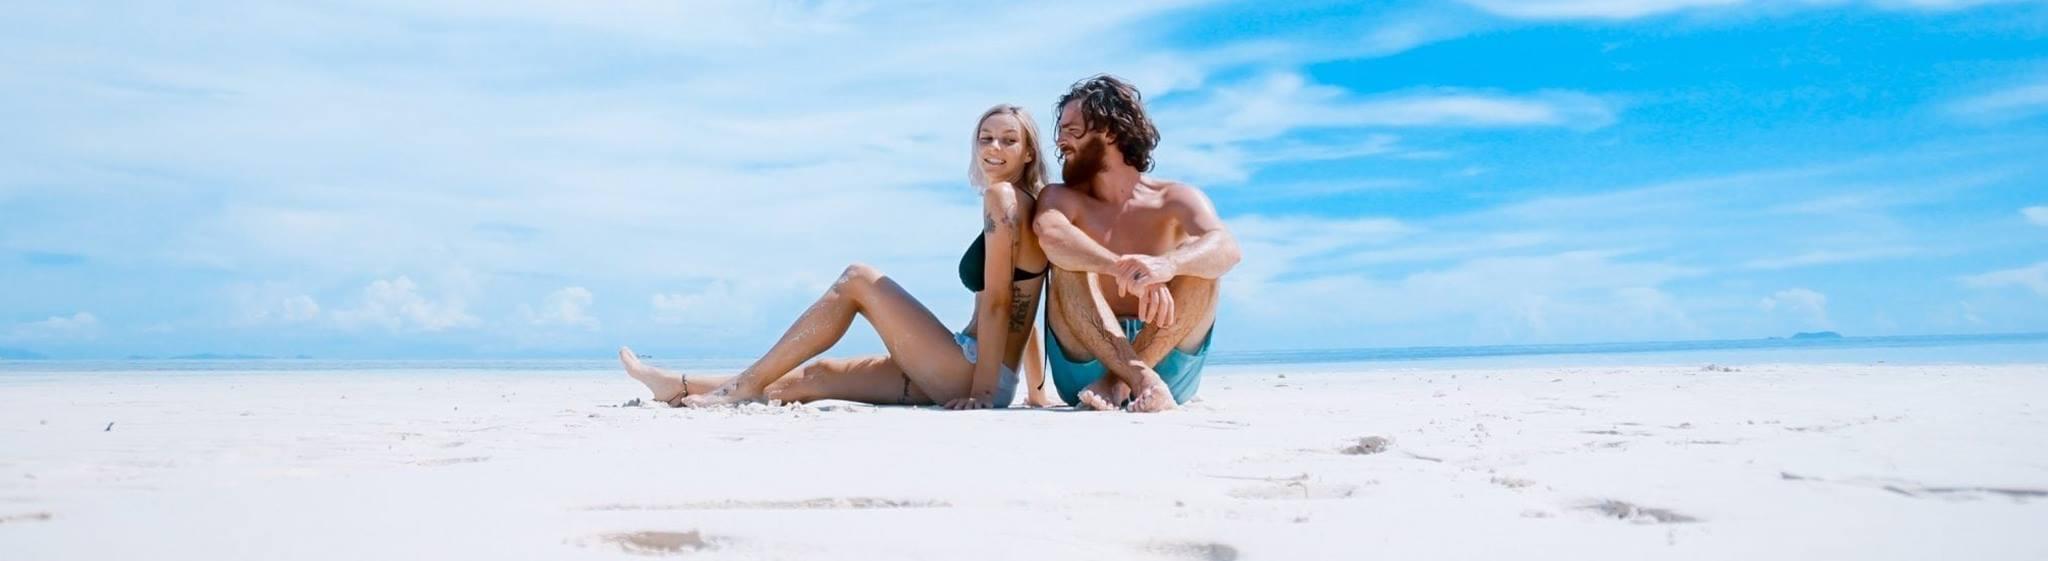 Tulia Zanzibar Unique Beach Resort - Safanta Tours & Travel Company Limited